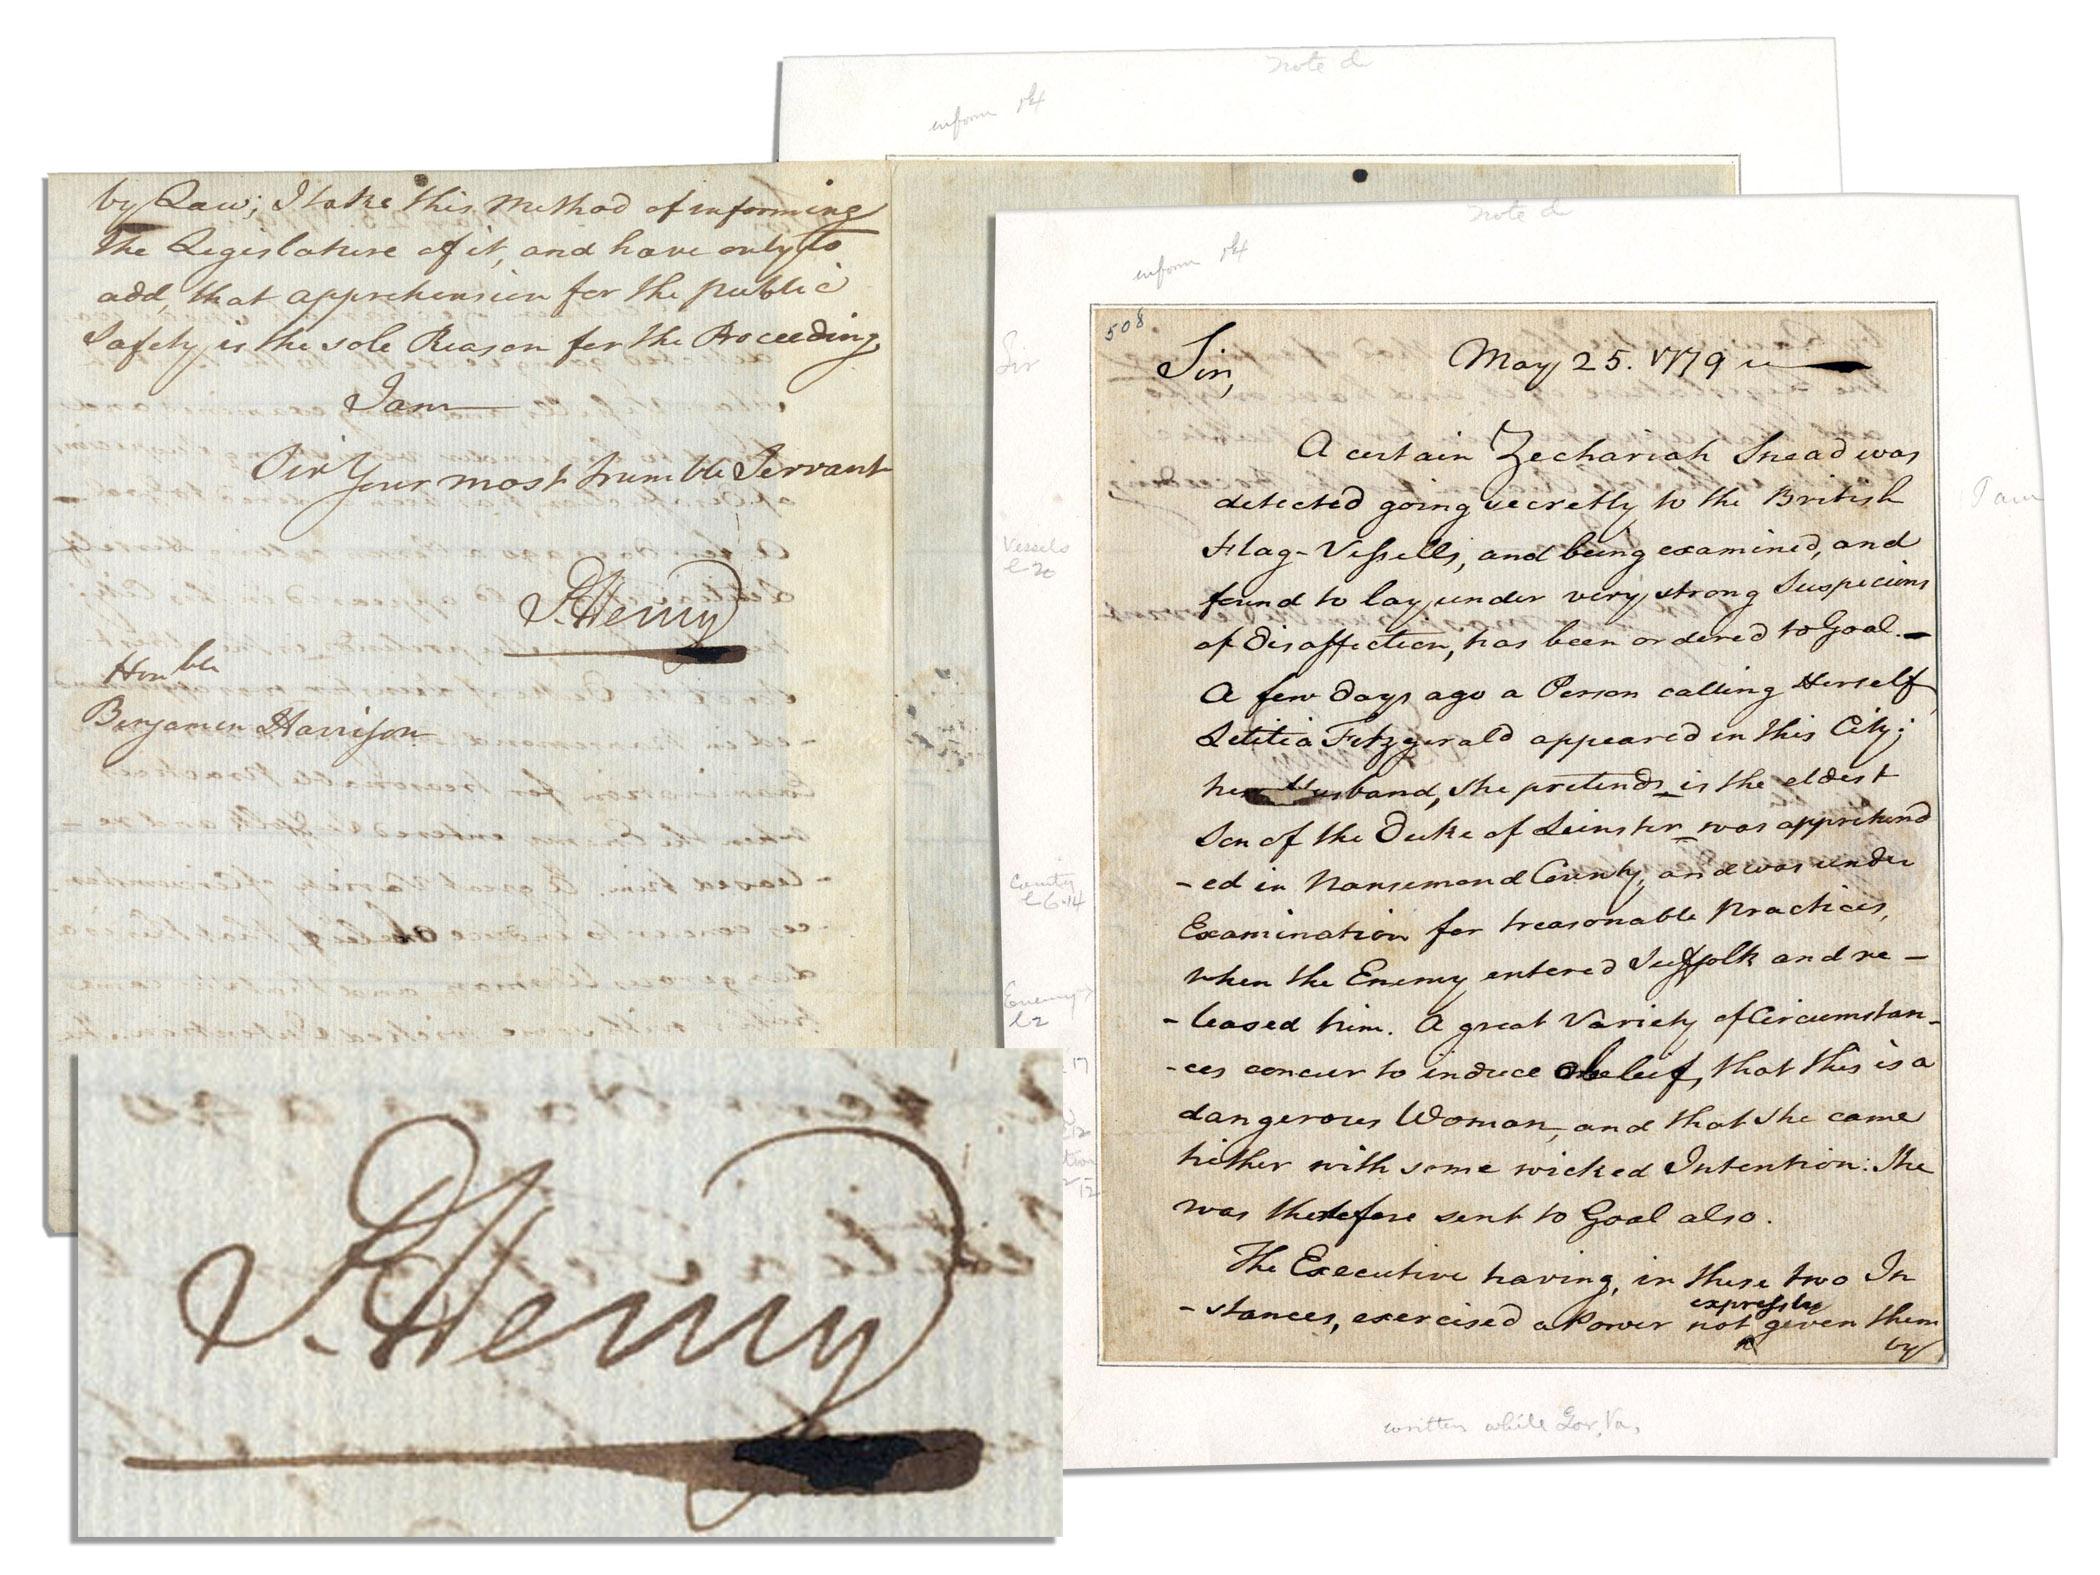 Patrick Henry Autograph